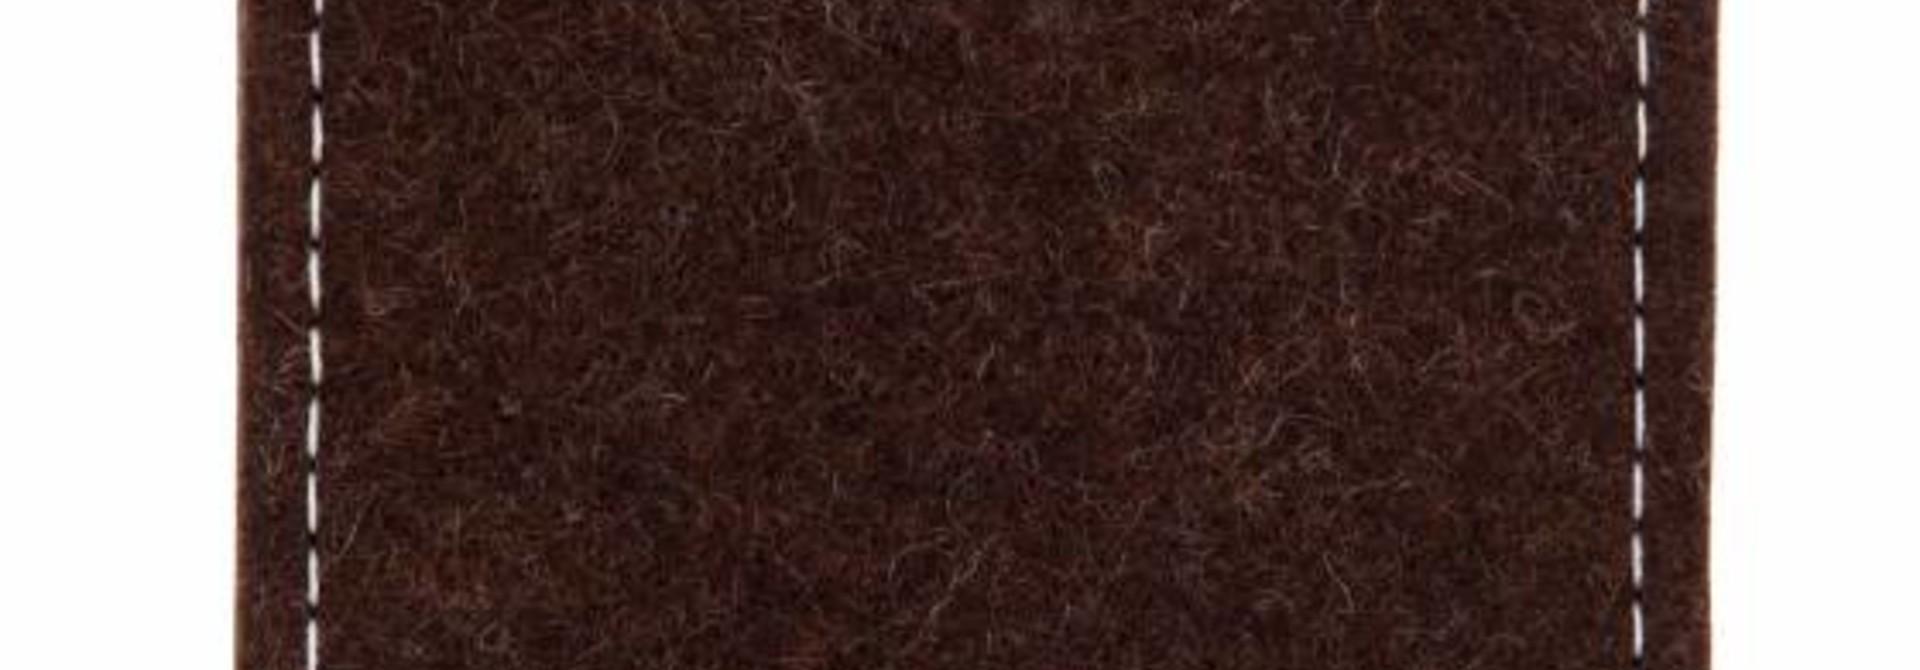 Mi / Redmi Sleeve Trüfffelbraun